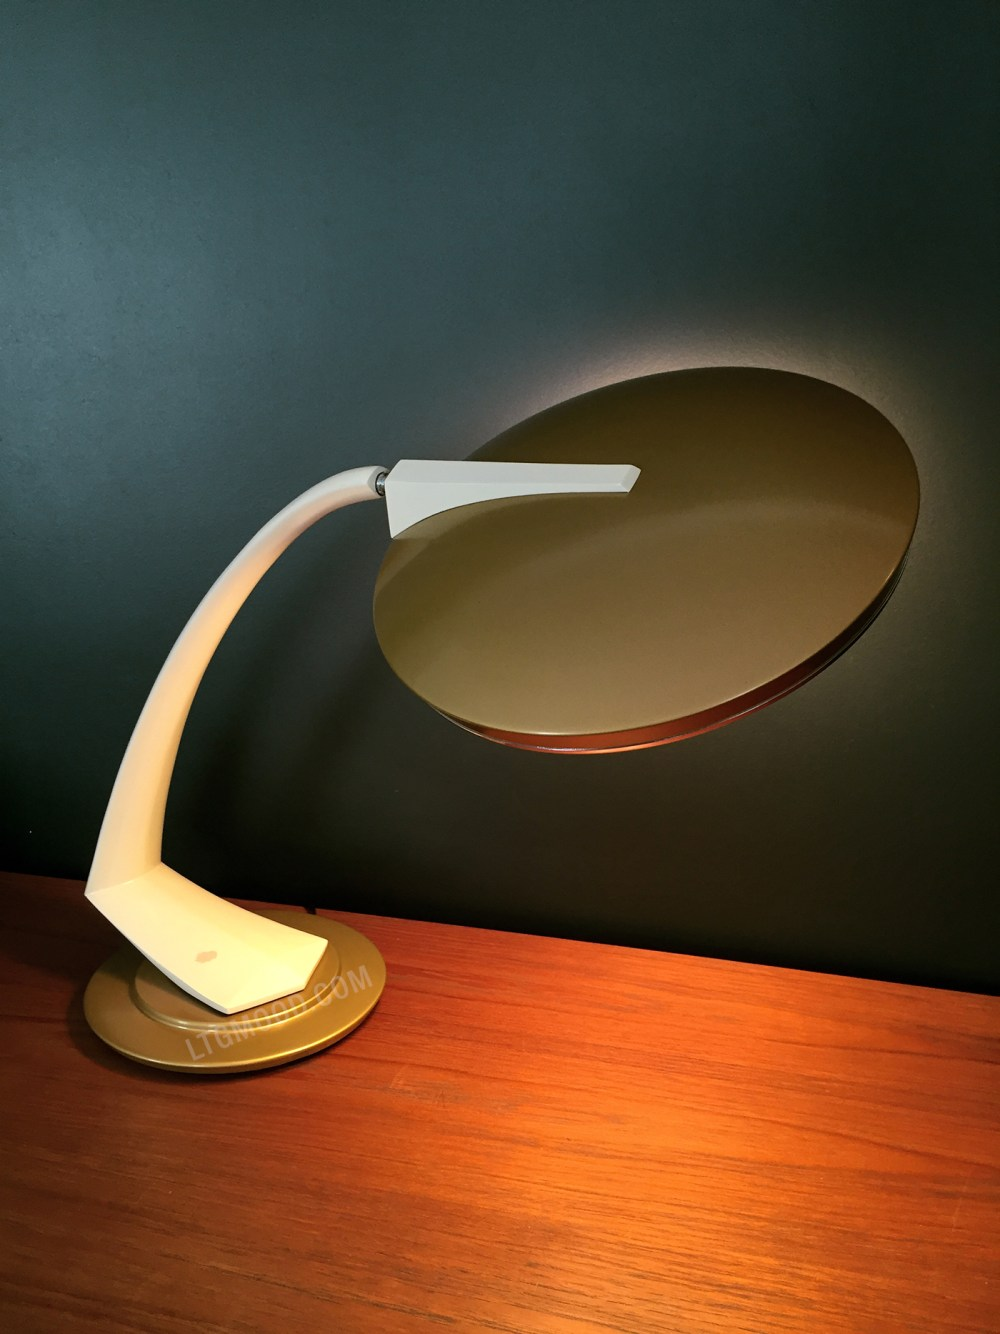 lampe fase boomerang en vente chez ltgmood.com galerie de luminaires vintage paris